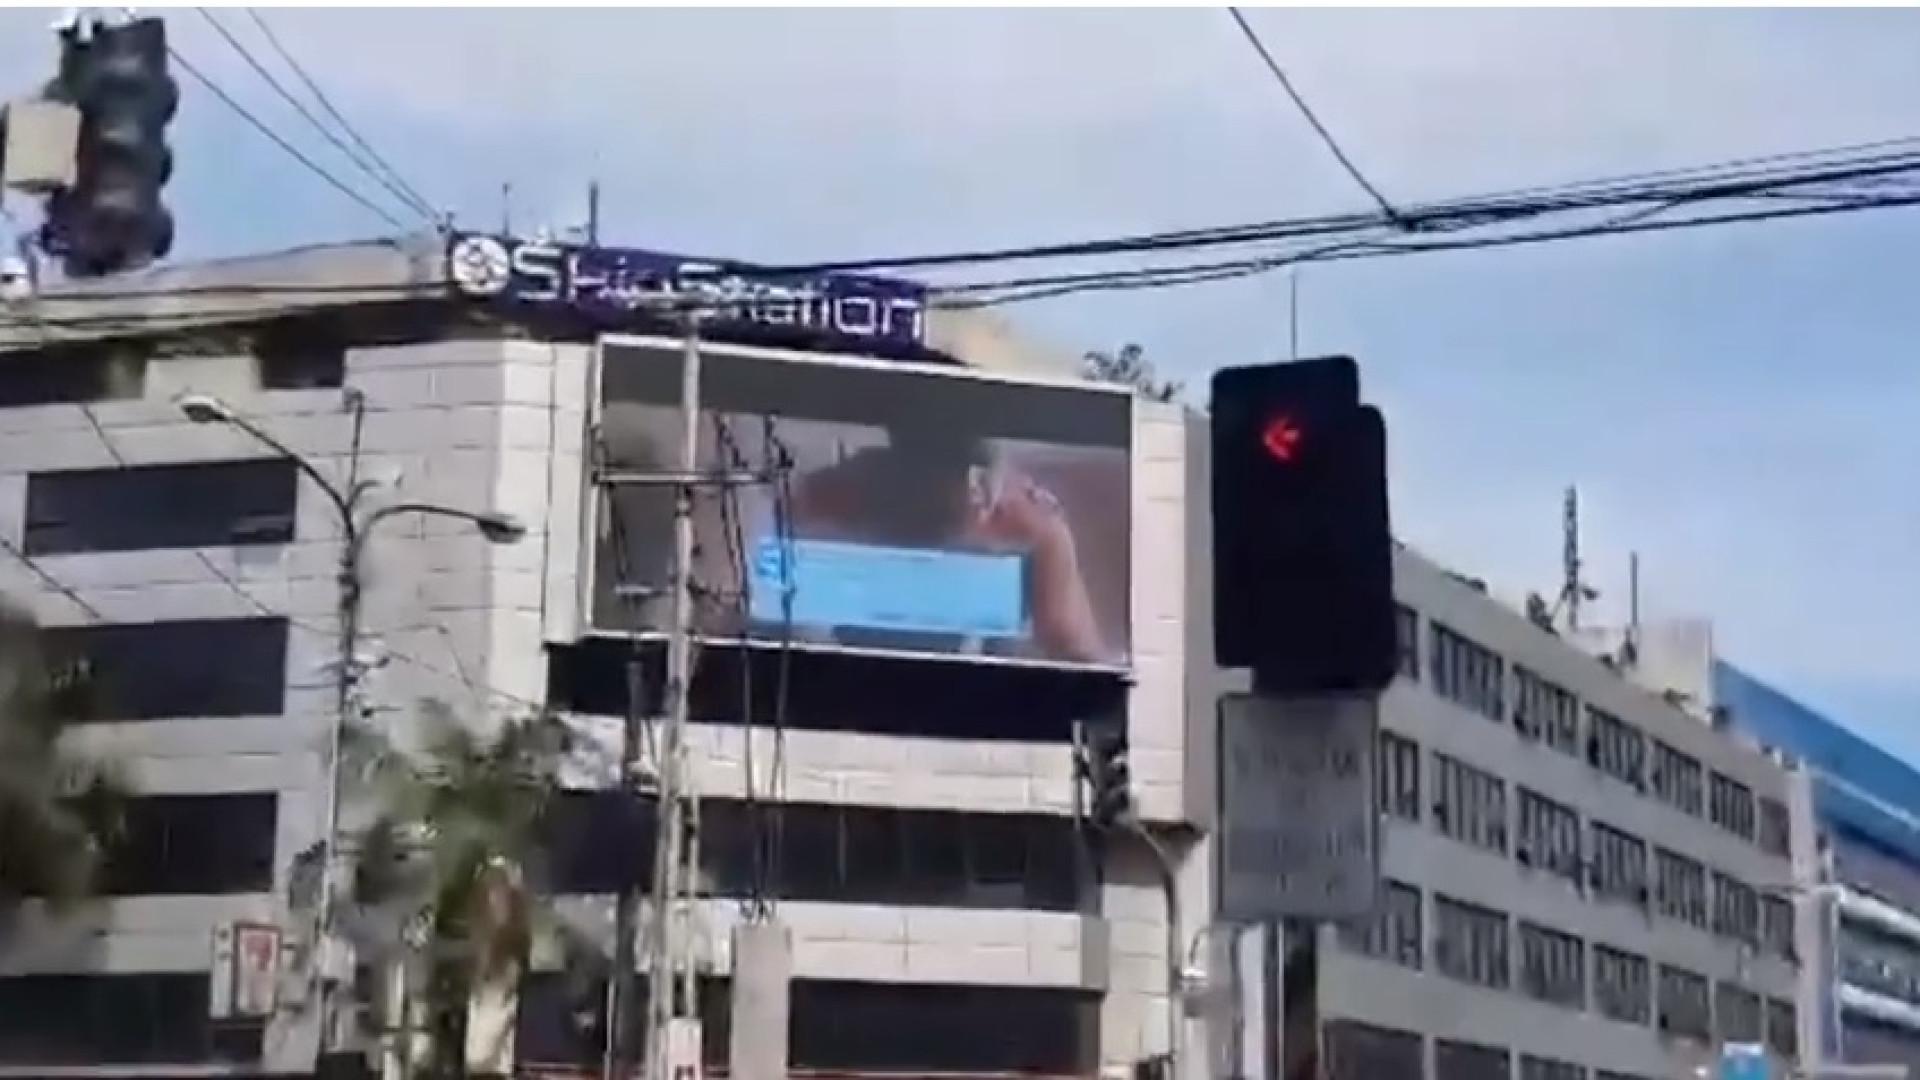 Ecrã gigante de cidade filipina transmite pornografia acidentalmente